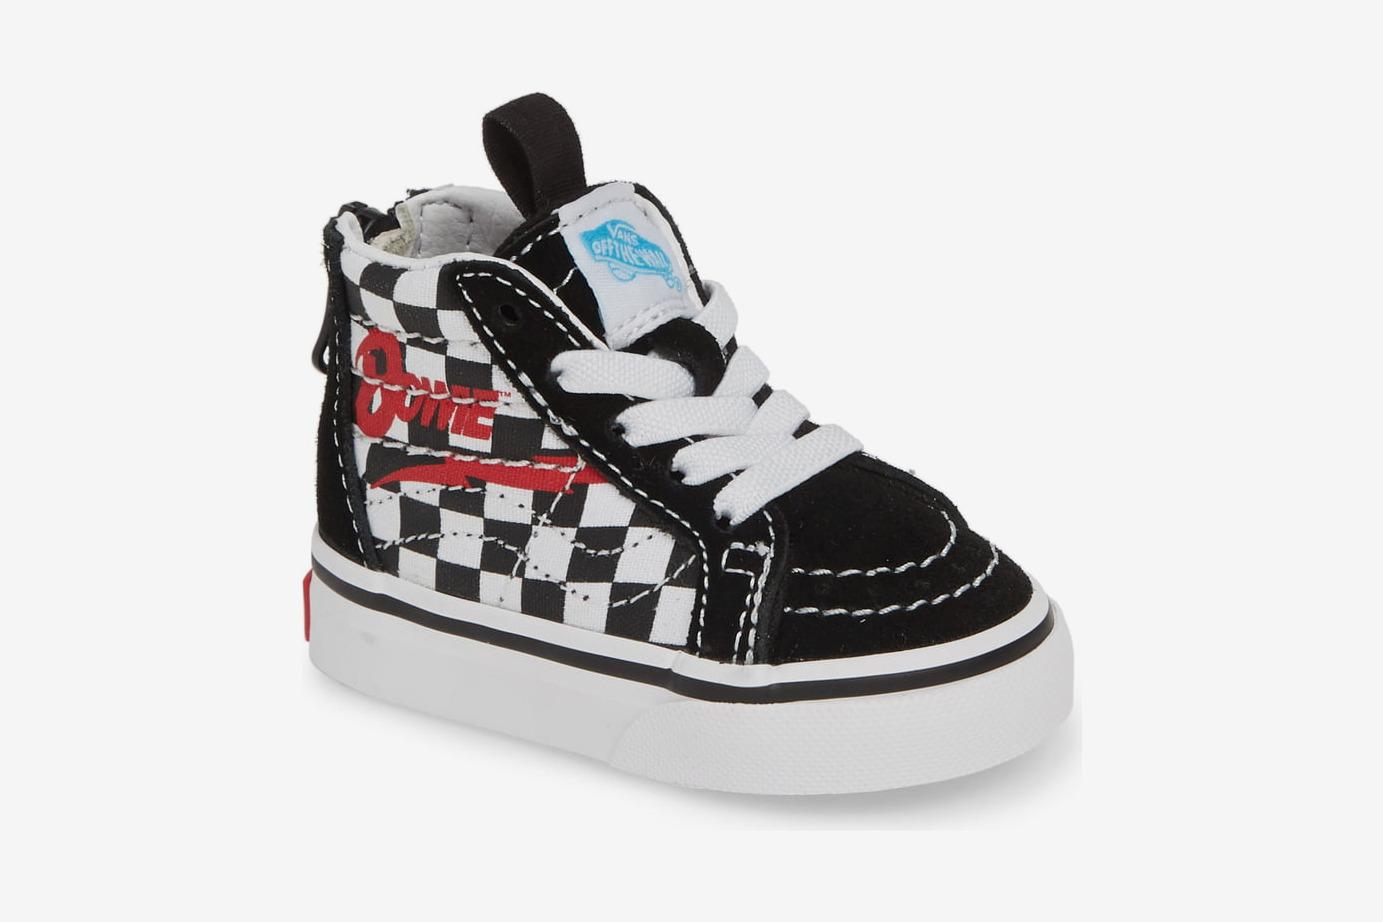 Vans x David Bowie Sk8-Hi Zip Sneaker